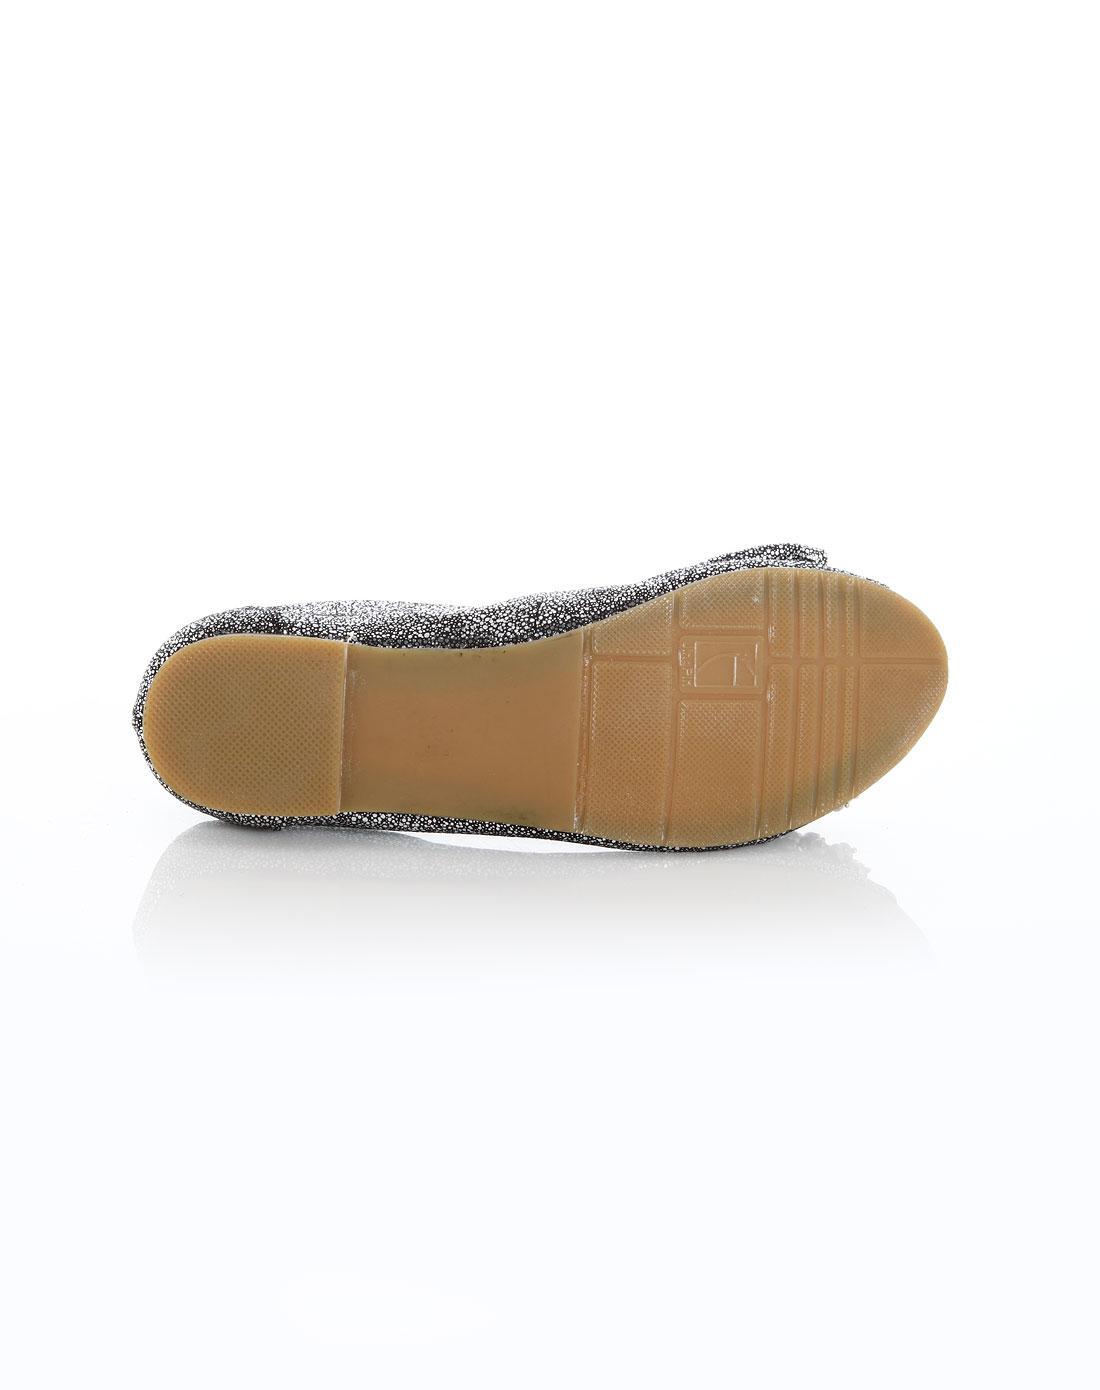 鱼嘴橡胶底凉鞋